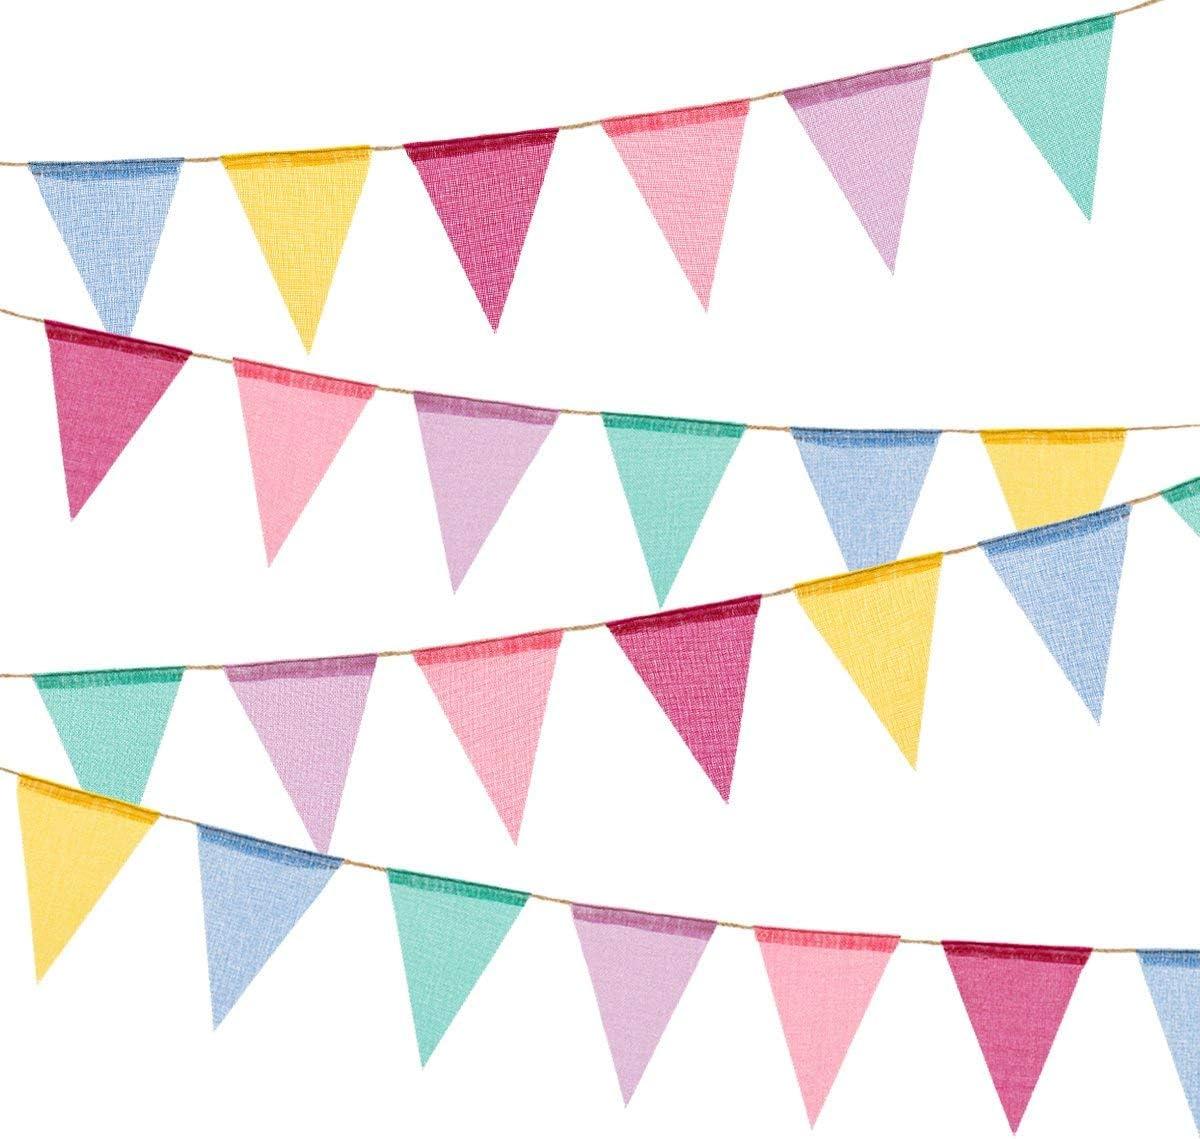 Multicolor Bandera Banderín Decoraciones Banderas Guirnalda Banderas Banderines de Triángulo para fiestas de cumpleaños Celebraciones Tiendas Decoraciones y festivales Decoración colgante(4 Cadenas)